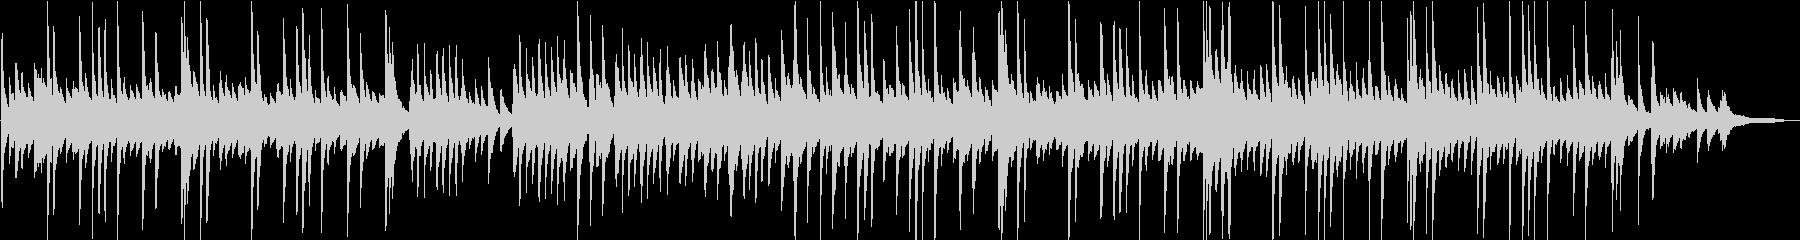 教会の少し切ない雰囲気のピアノBGMの未再生の波形